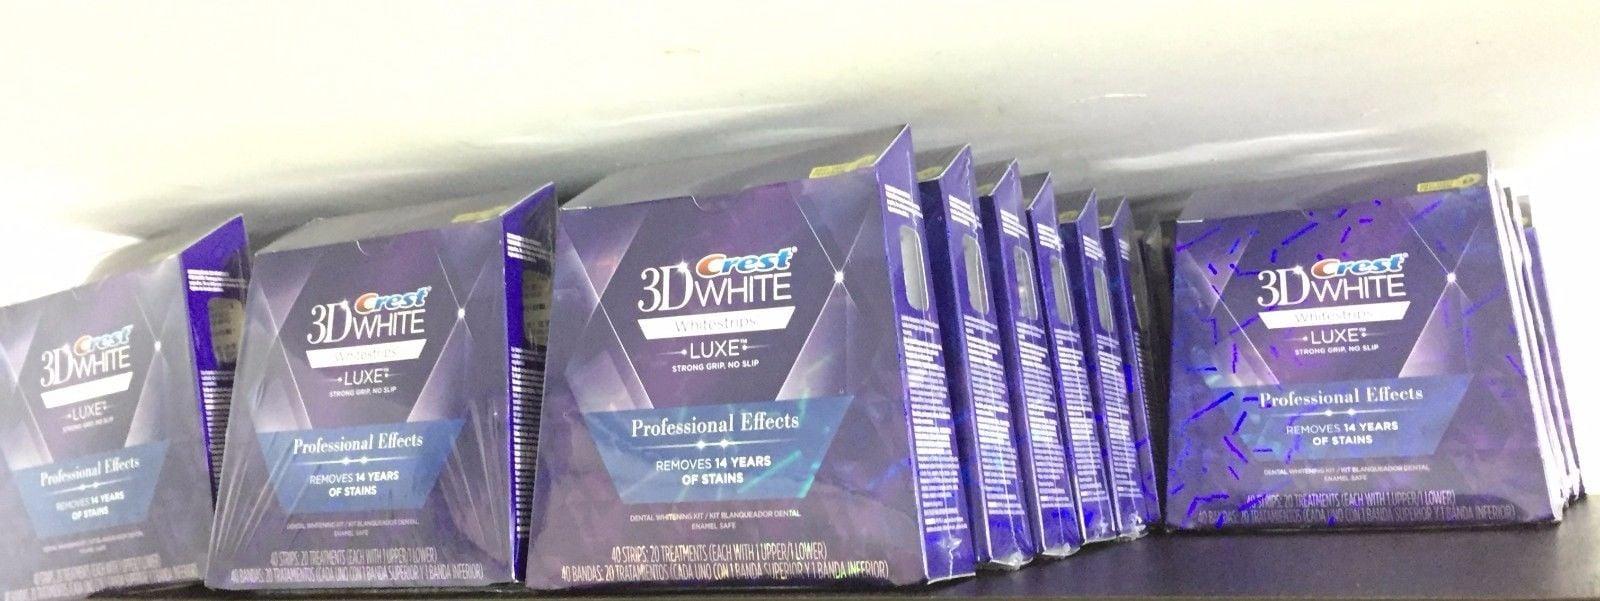 עדכון מעודכן קרסט ערכה להלבנת שיניים 40 פסים! Crest 3D White Professional Effects XS-15